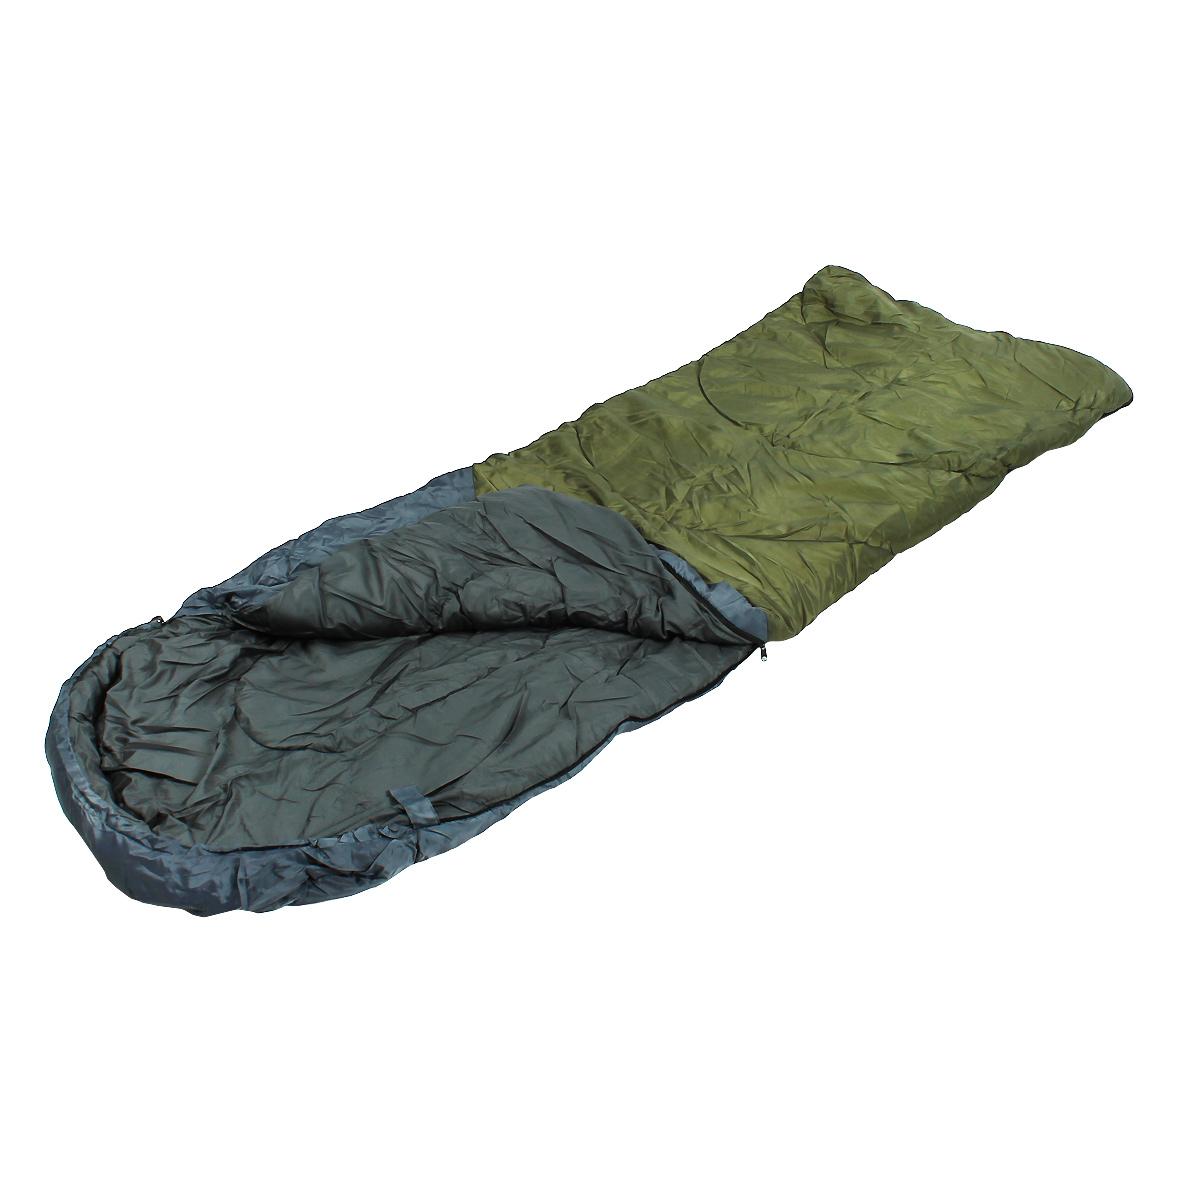 Спальный мешок-одеяло Happy Camper с подголовником, цвет: синий, зеленыйСМ-300Комфортный спальник-одеяло имеет прямоугольную форму и одинаковую ширину как вверху, так и внизу, благодаря чему ноги чувствуют себя более свободно. Молния располагается на боковой стороне, благодаря чему при ее расстегивании спальник превращается в довольно большое одеяло. Характеристики:Размер спального мешка с учетом подголовника: 220 см х 85 см. Утеплитель: холлофайбер 200 г/м2 х 2 слоя. Внешний материал: полиэстер 240Т Ripstop. Внутренний материал: 210Т эпонж.Что взять с собой в поход?. Статья OZON Гид